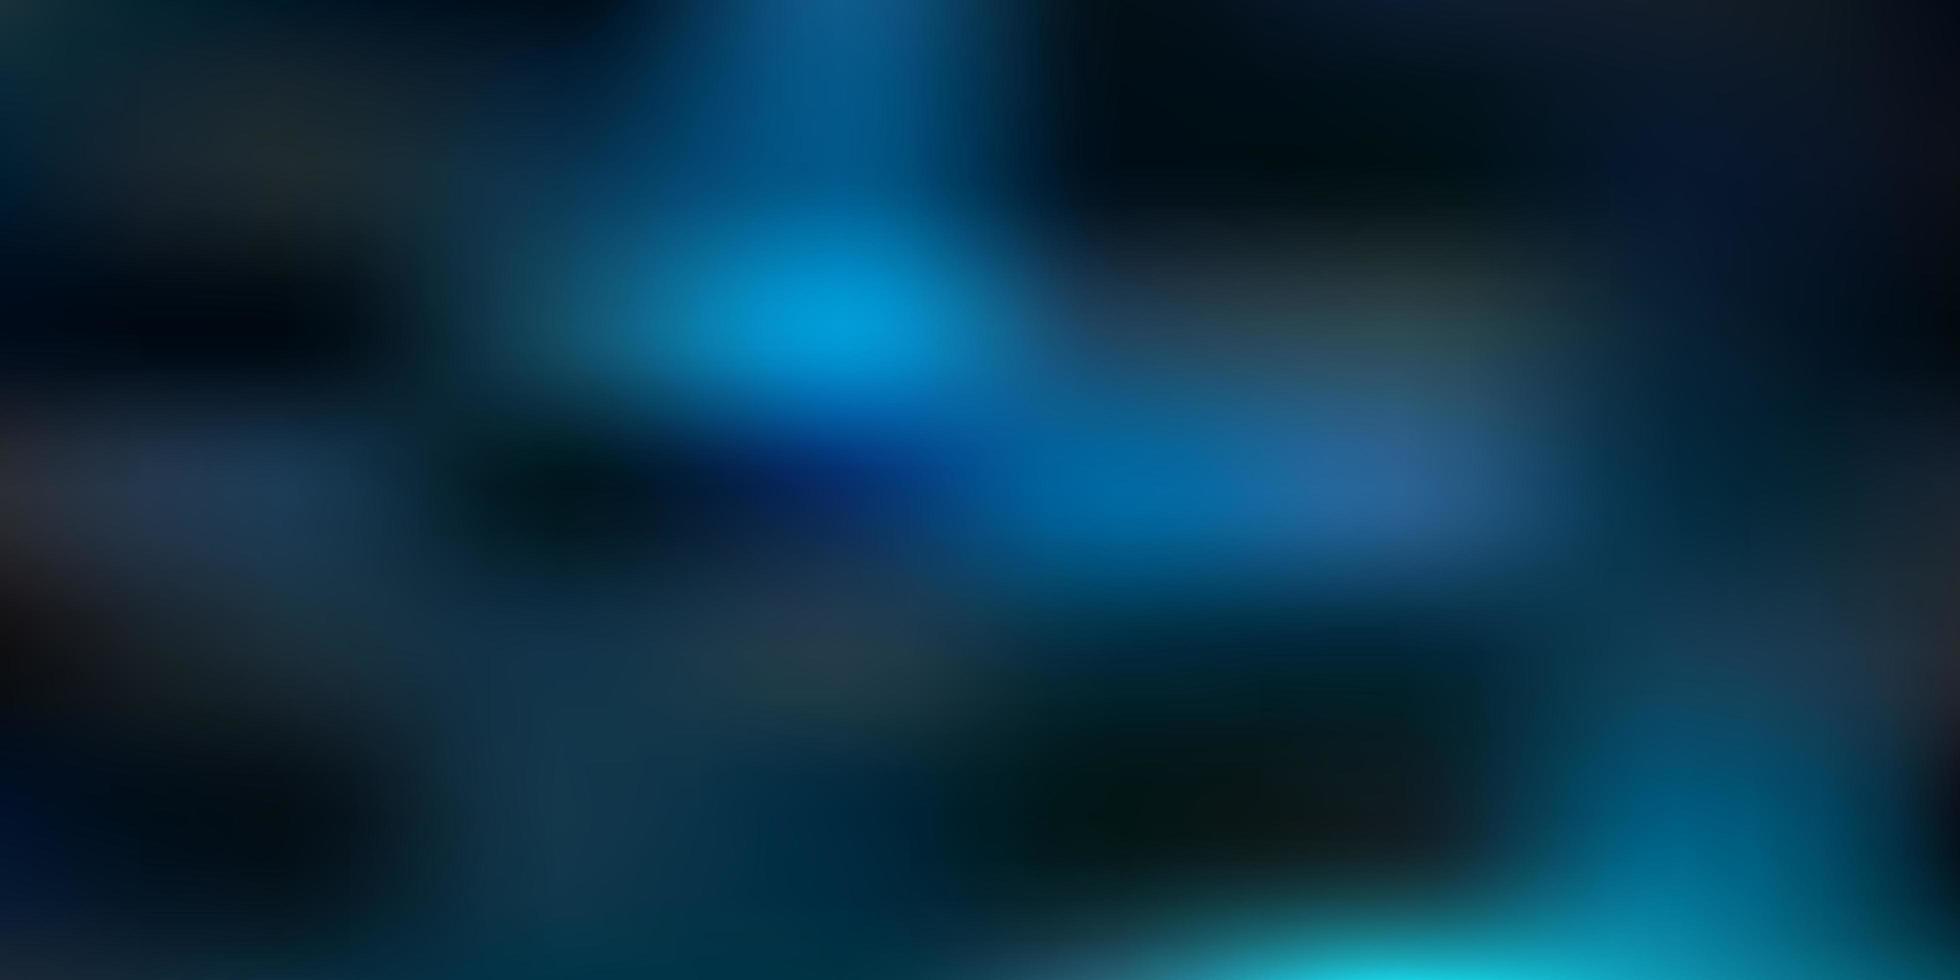 modelo de desfoque abstrato de vetor verde azul escuro